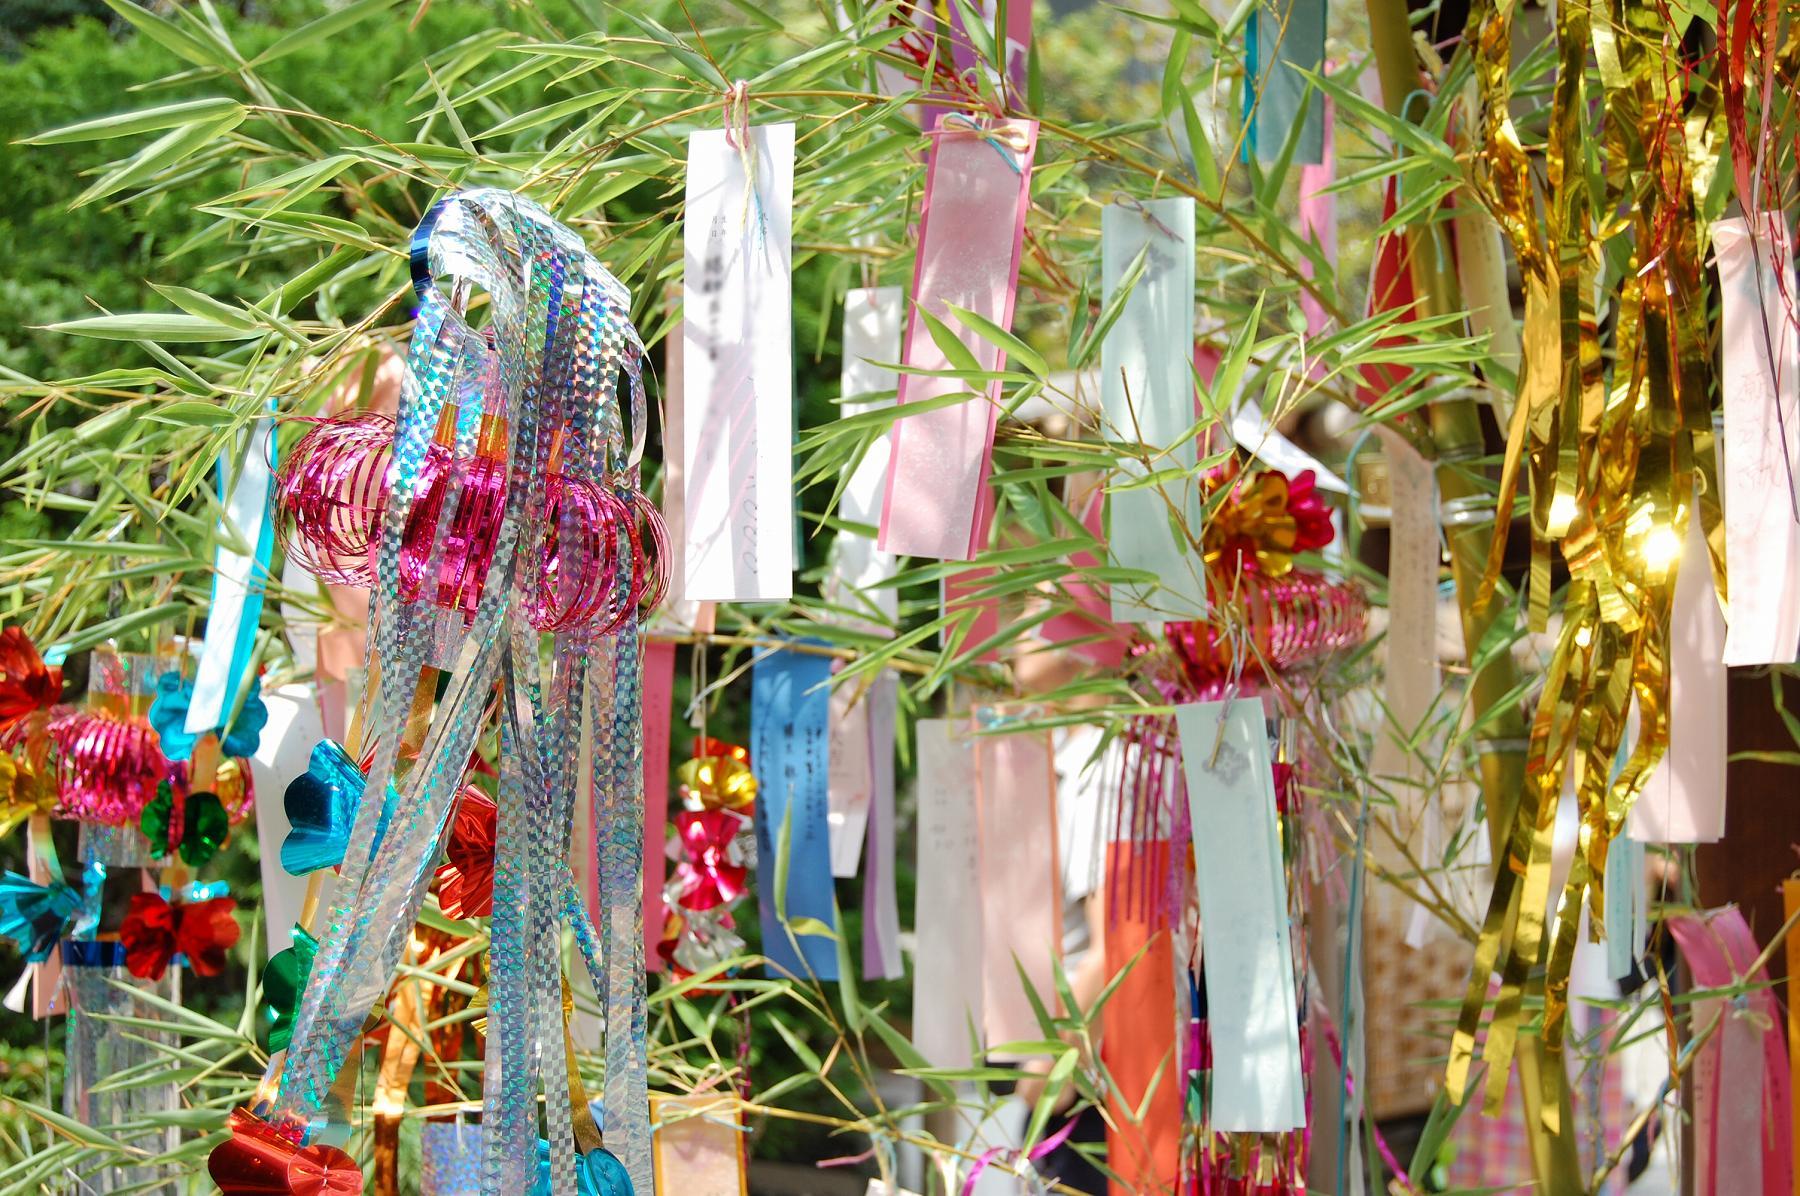 神戸・甲南本通商店街で「2018 甲南にぎわい七夕フェスタ」が6/30~7/8まで開催、七夕飾りを楽しもう! #甲南本通商店街 #七夕 #東灘区